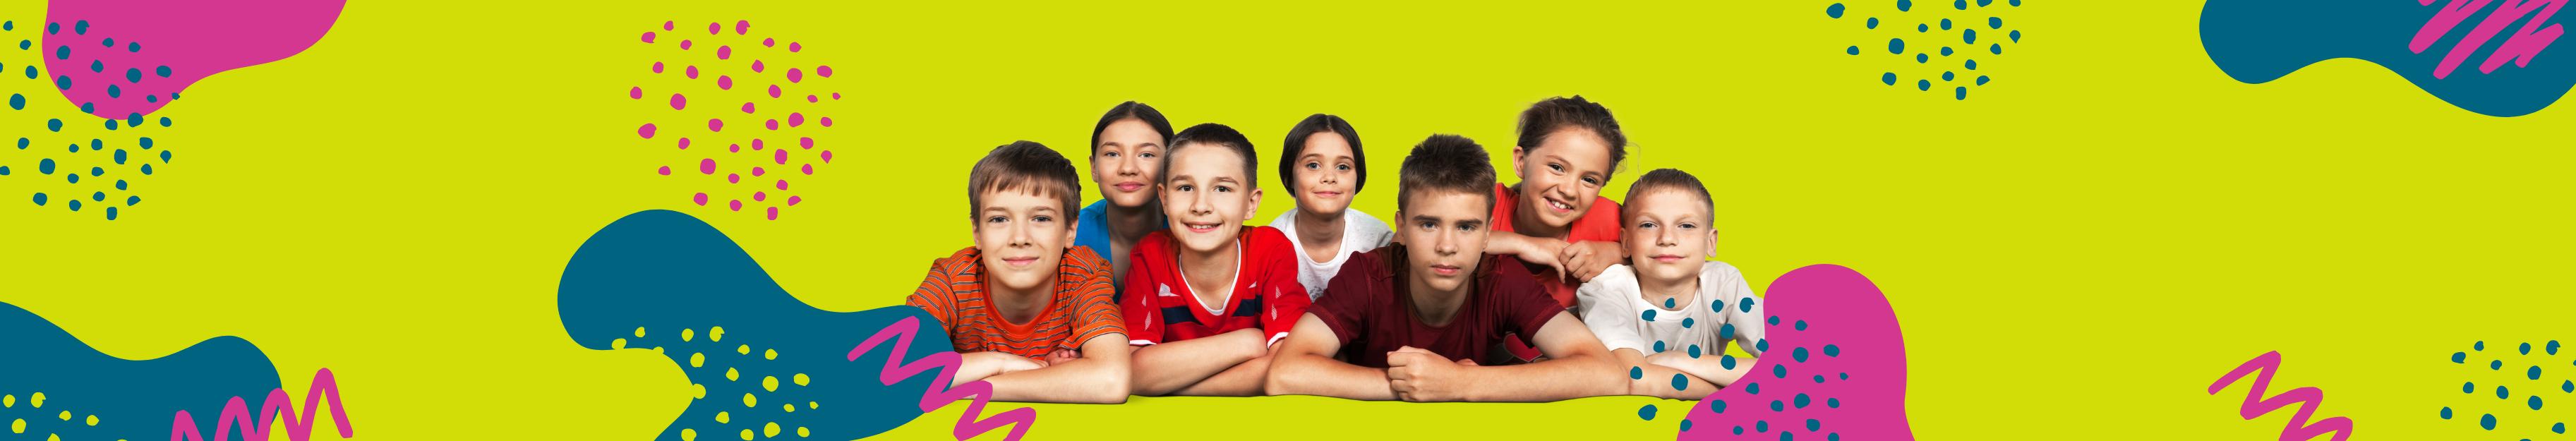 Kursy języka angielskiego dla dzieci i młodzieży